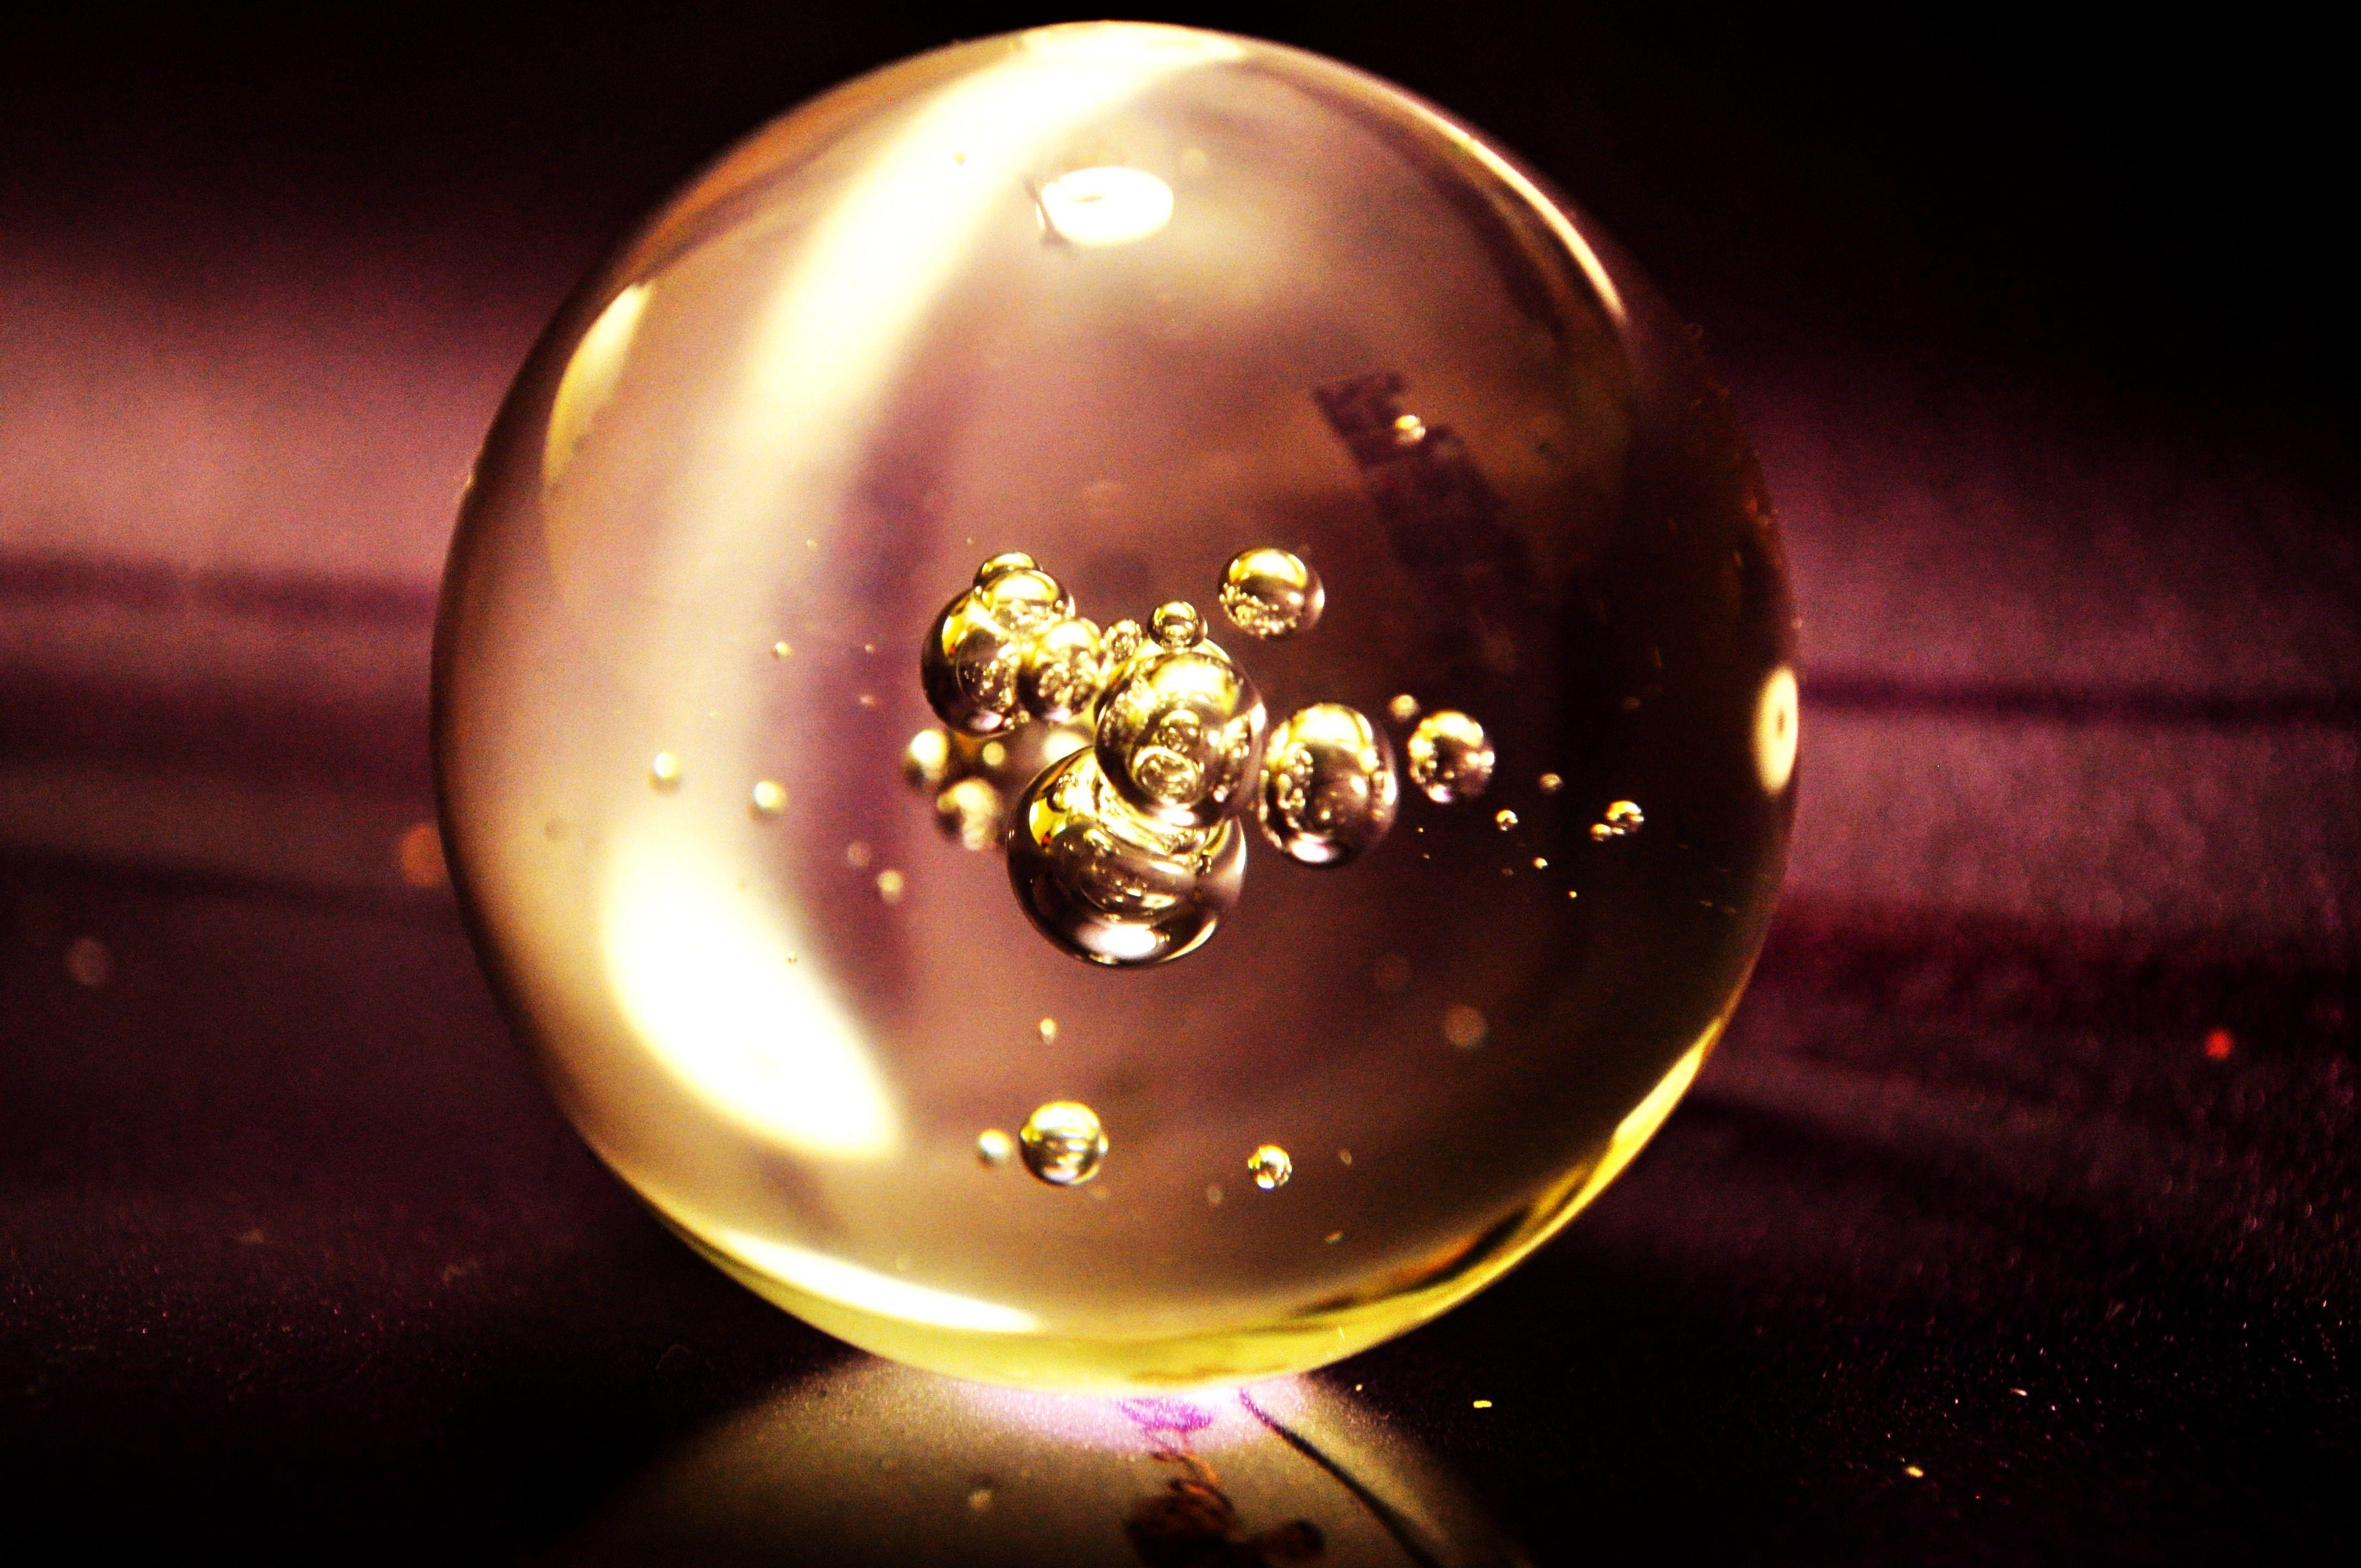 glass_ball_2_by_Raz_Ir.jpg (4288×2848)